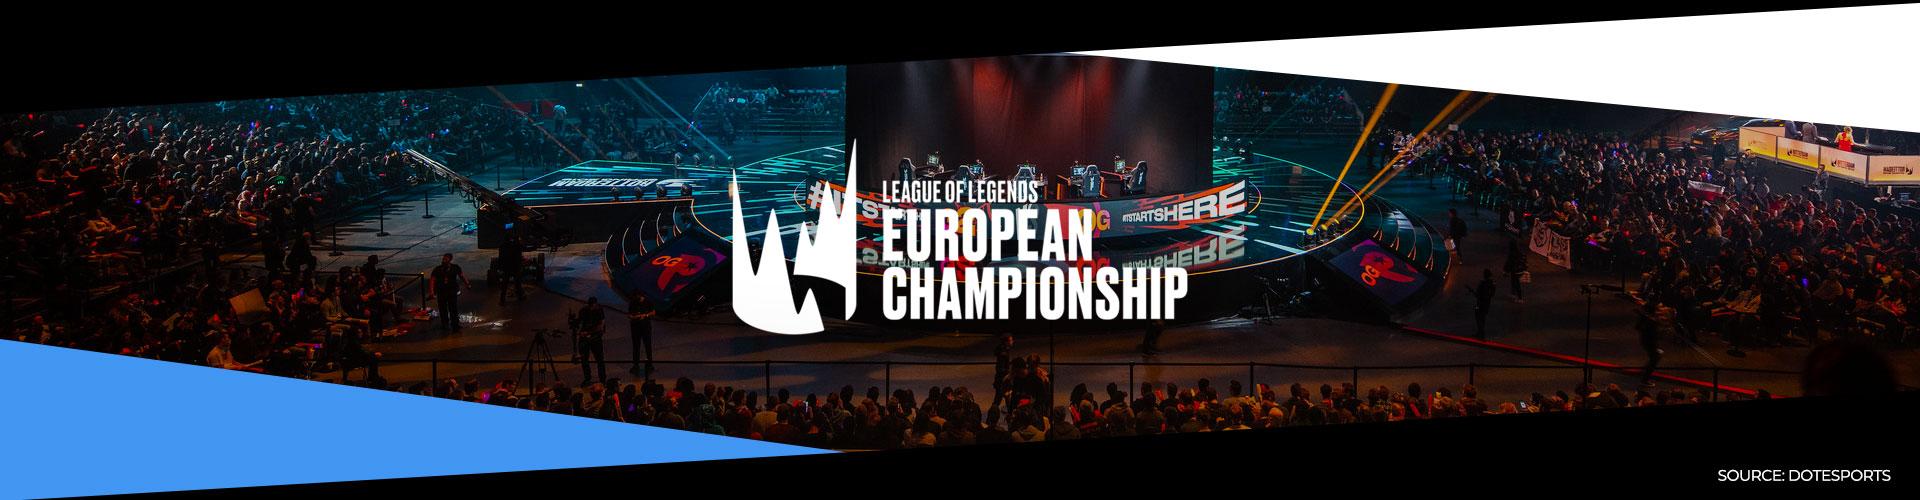 Eventsida för League of Legends sommarsäsong i LEC.